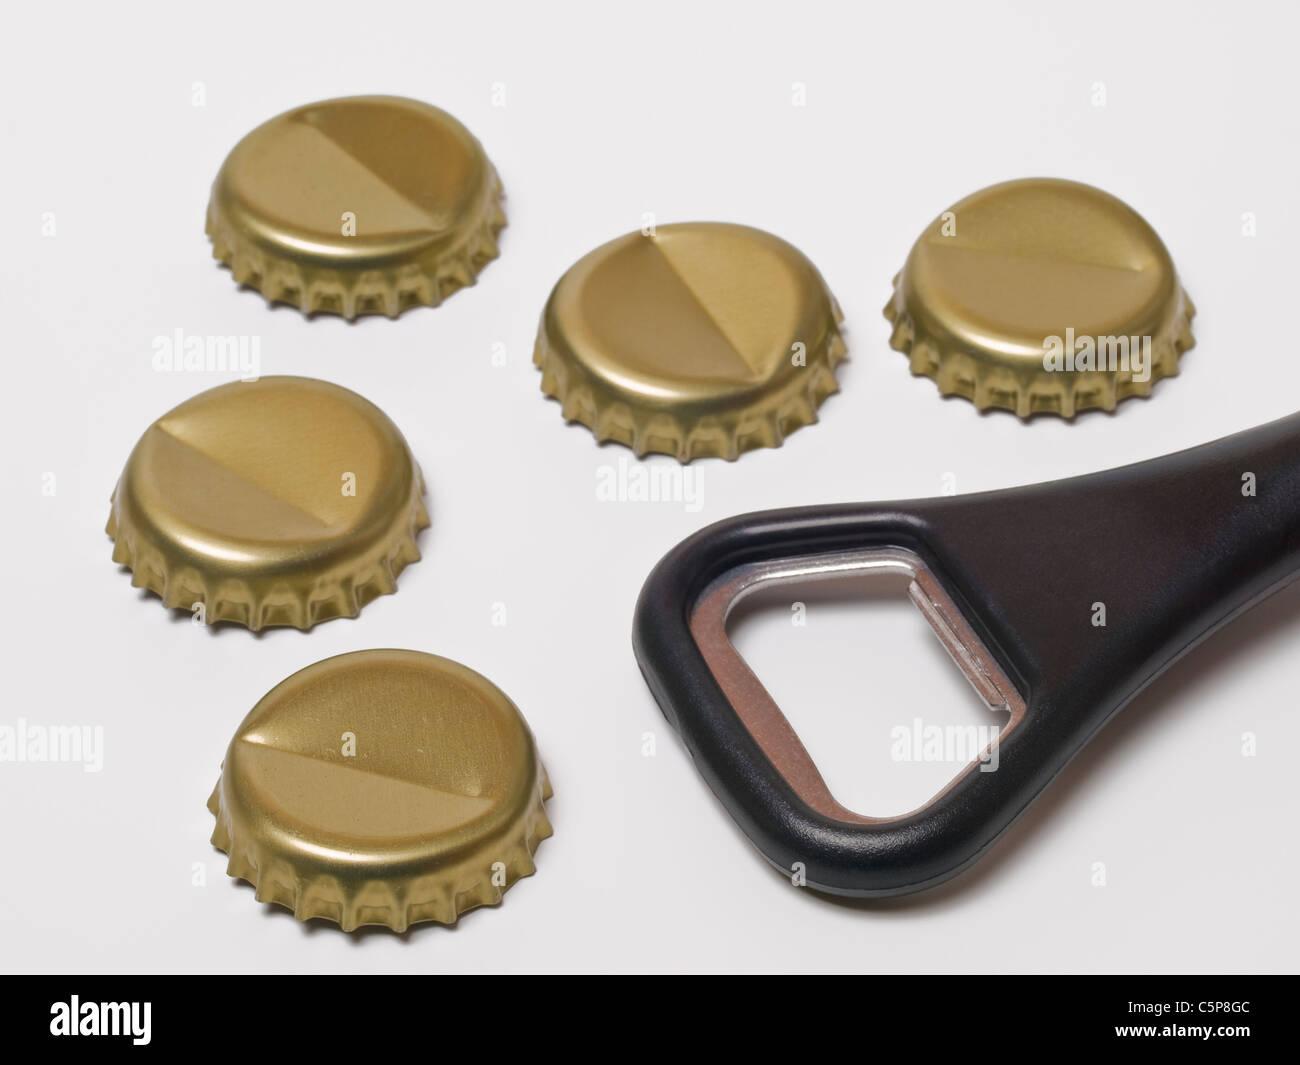 fünf Kronenkorken liegen neben einem Flaschenöffner | five crown corks, beside is a bottle opener - Stock Image